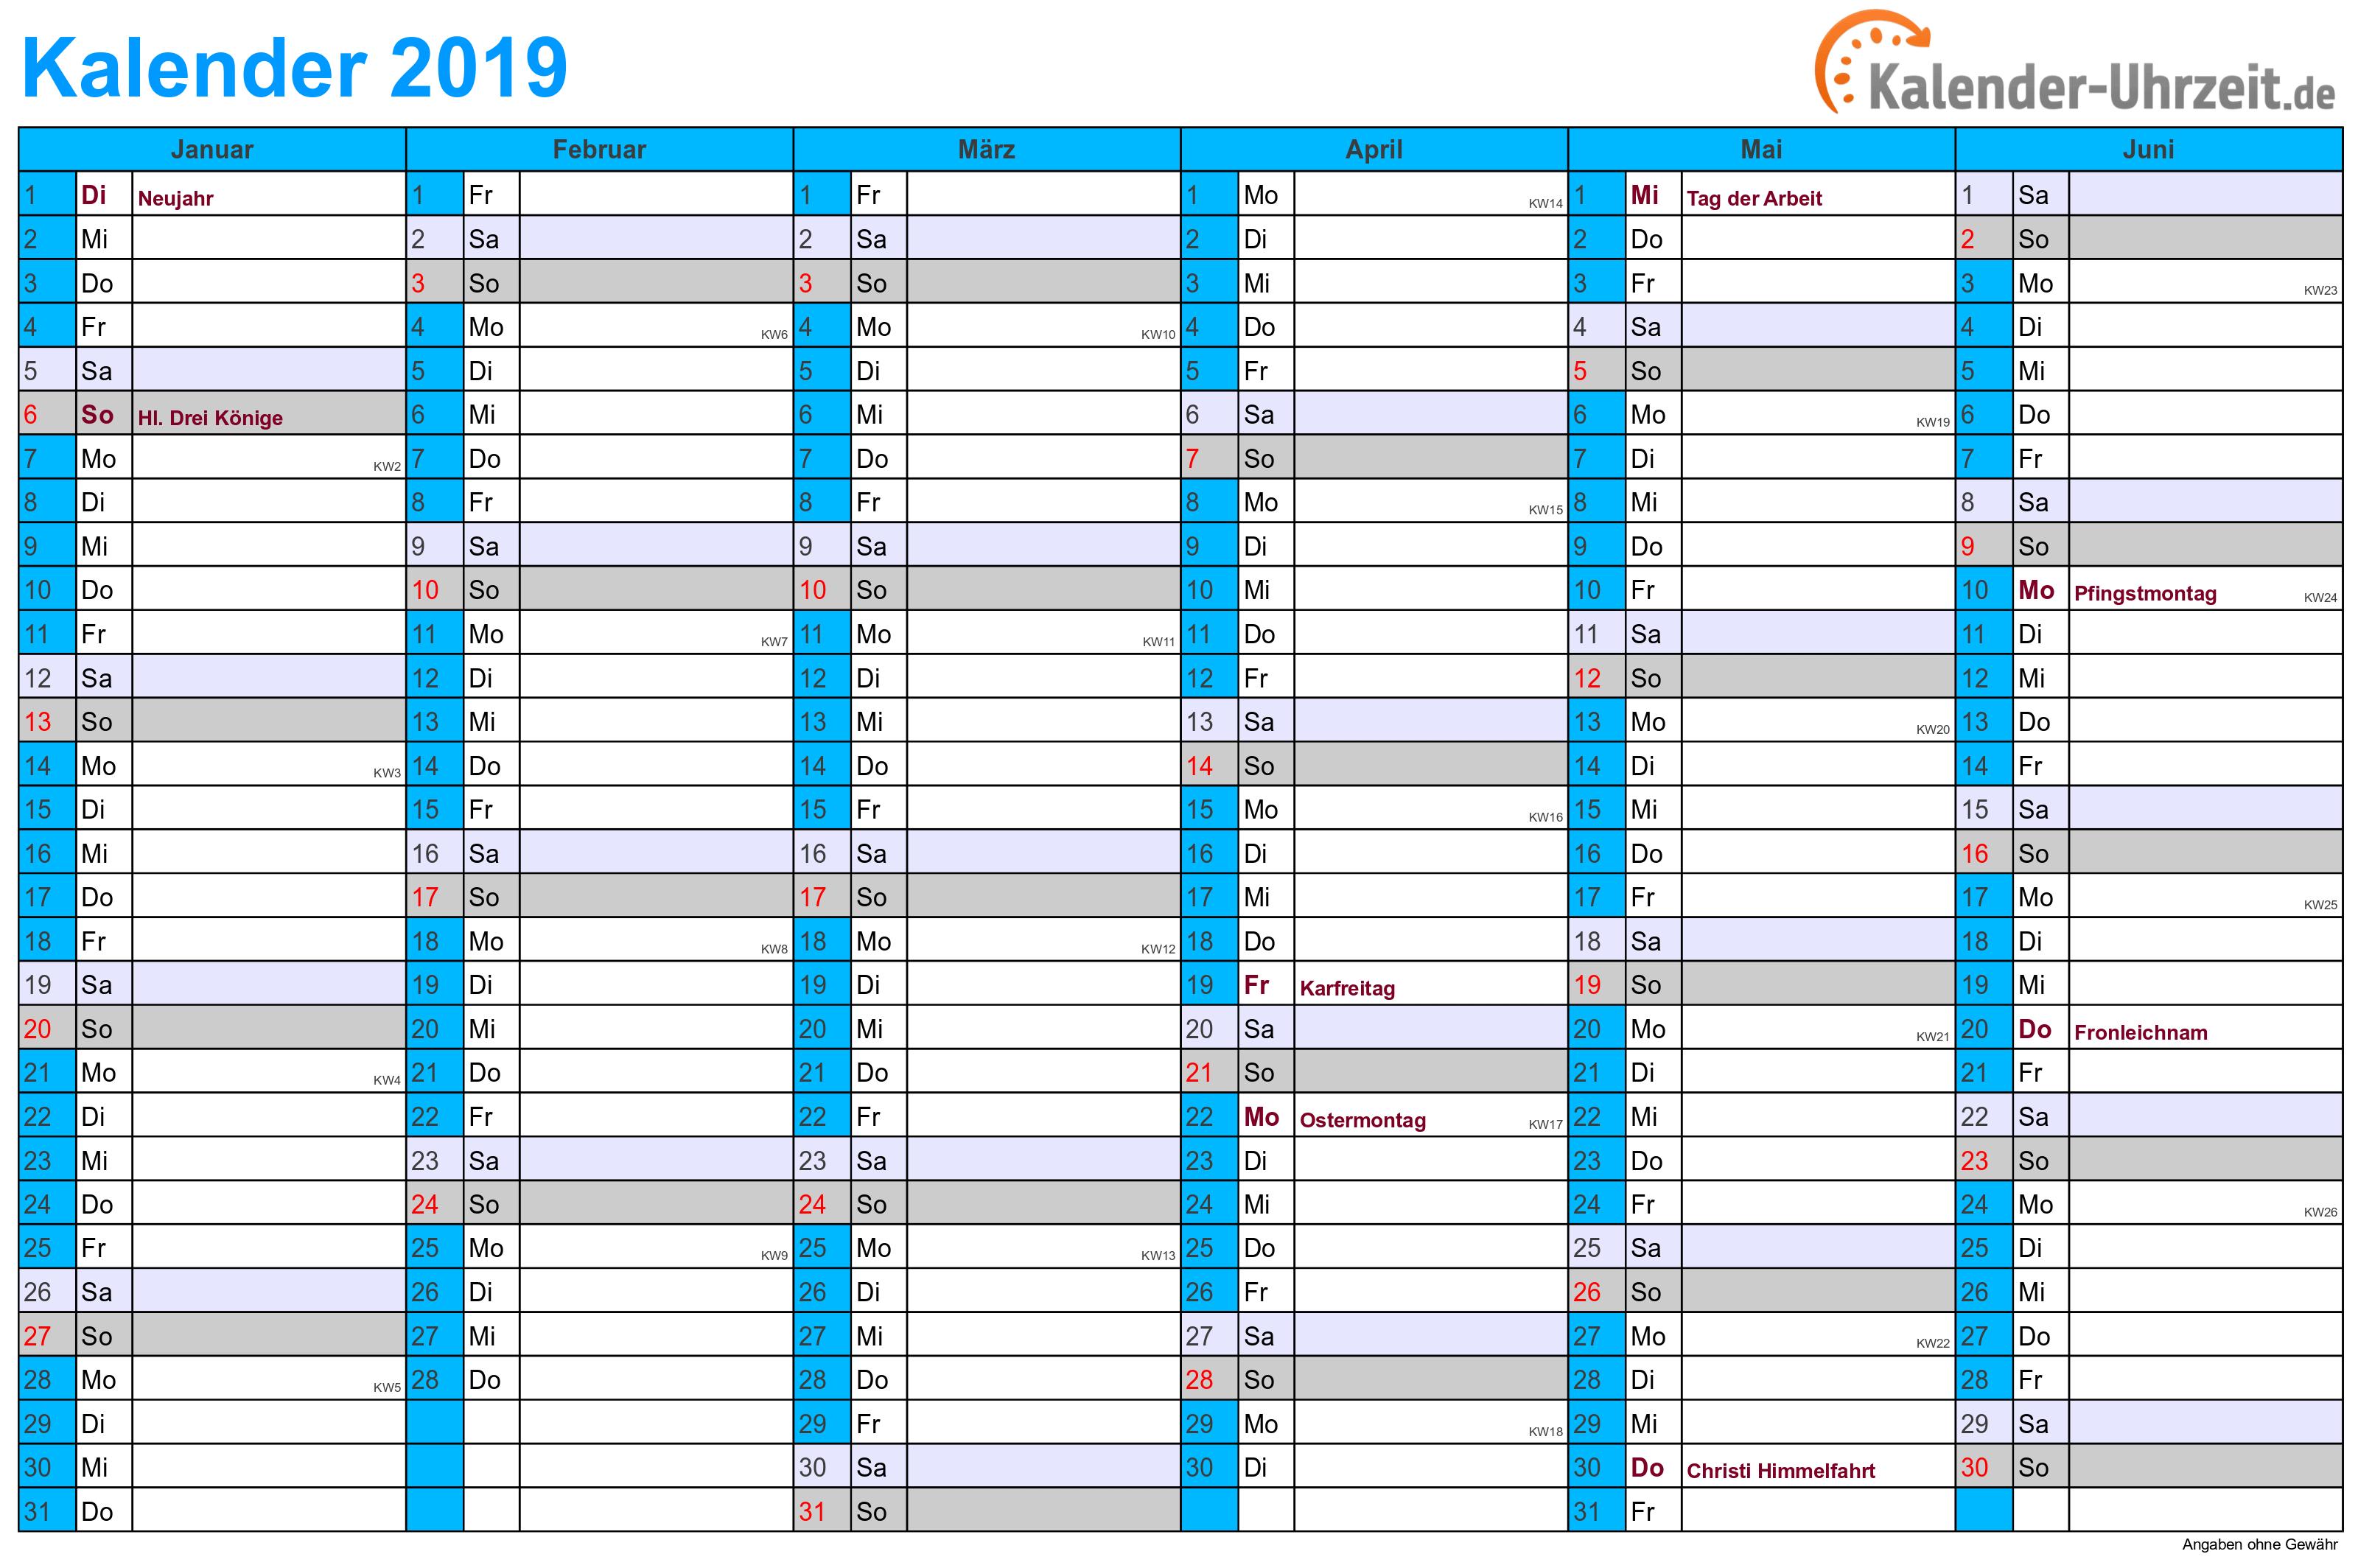 Kalender 2019 mit Feiertagen - 2-seitig - A4-Querformat